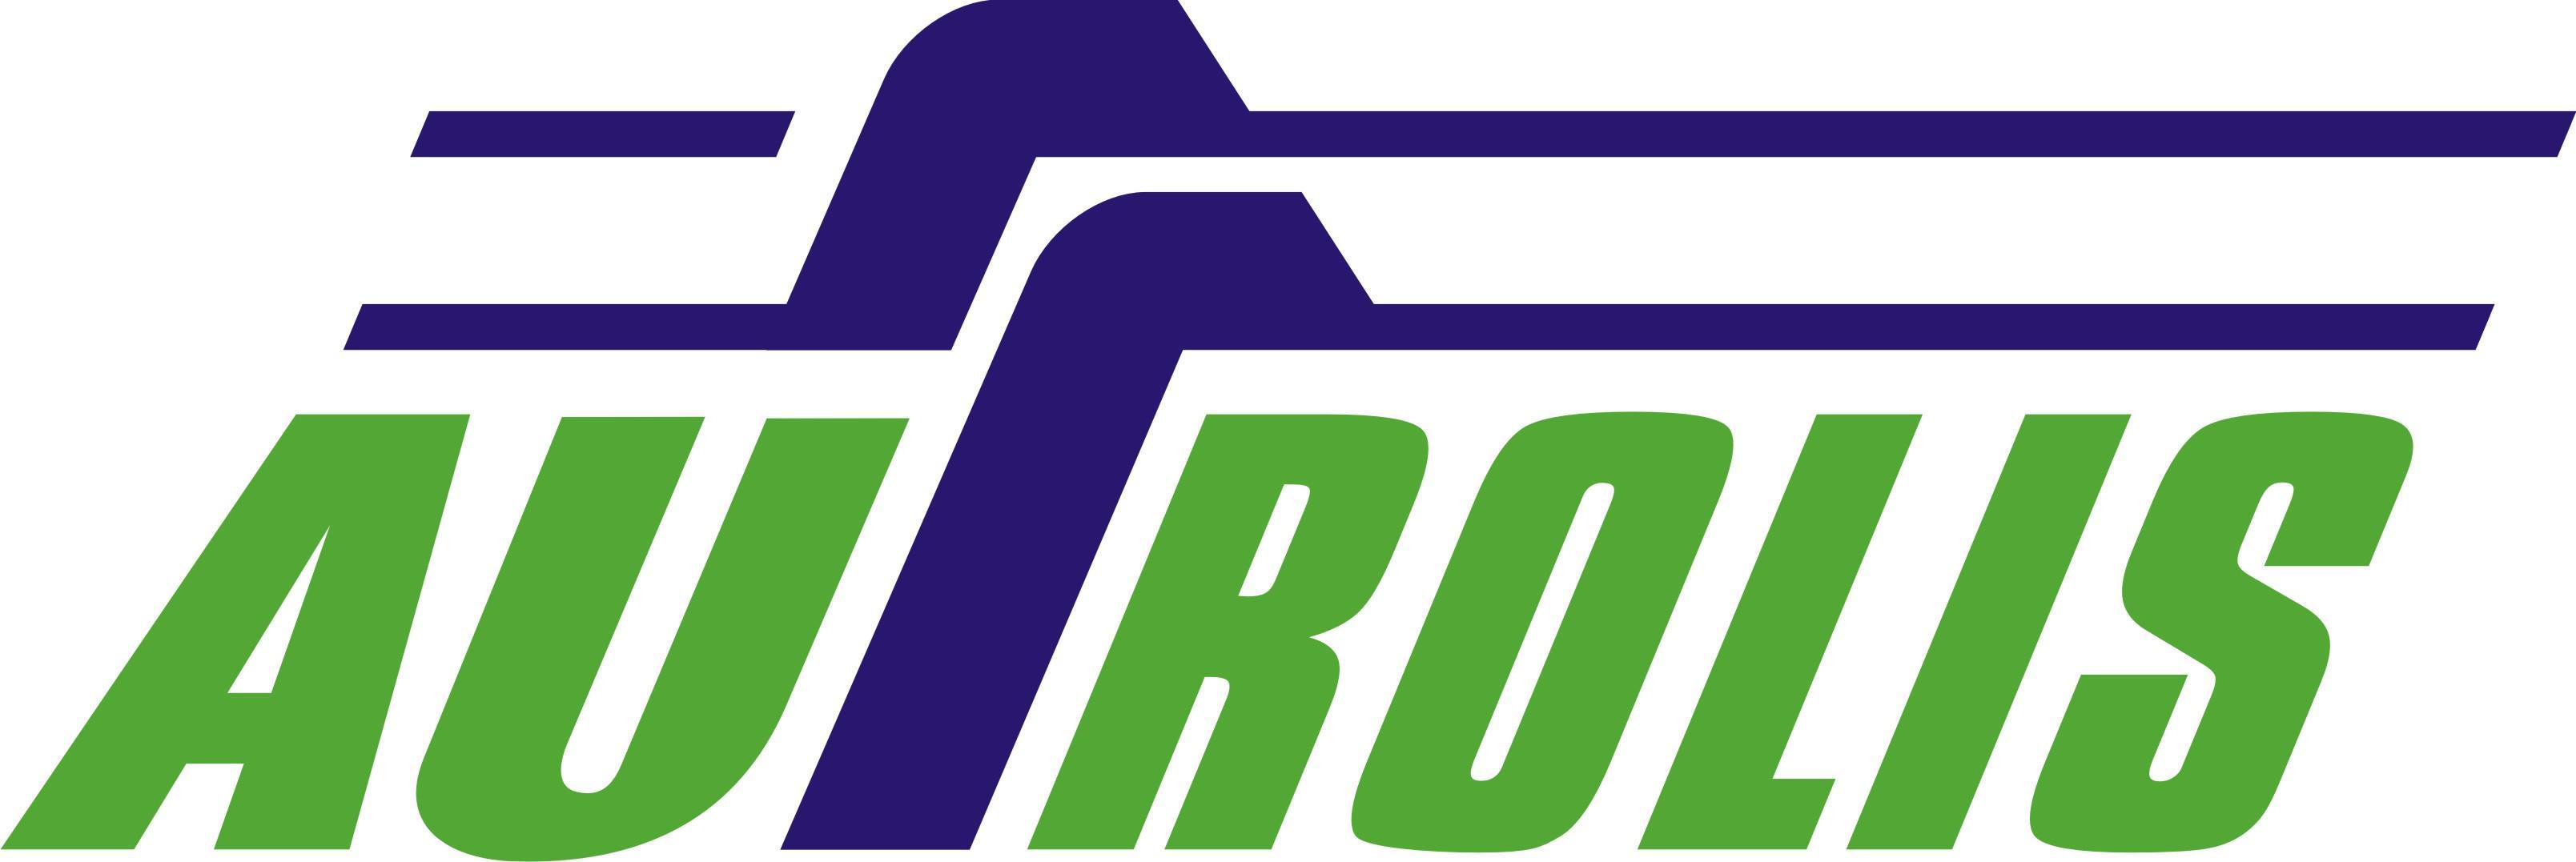 trol_diena_logo2-autrolis